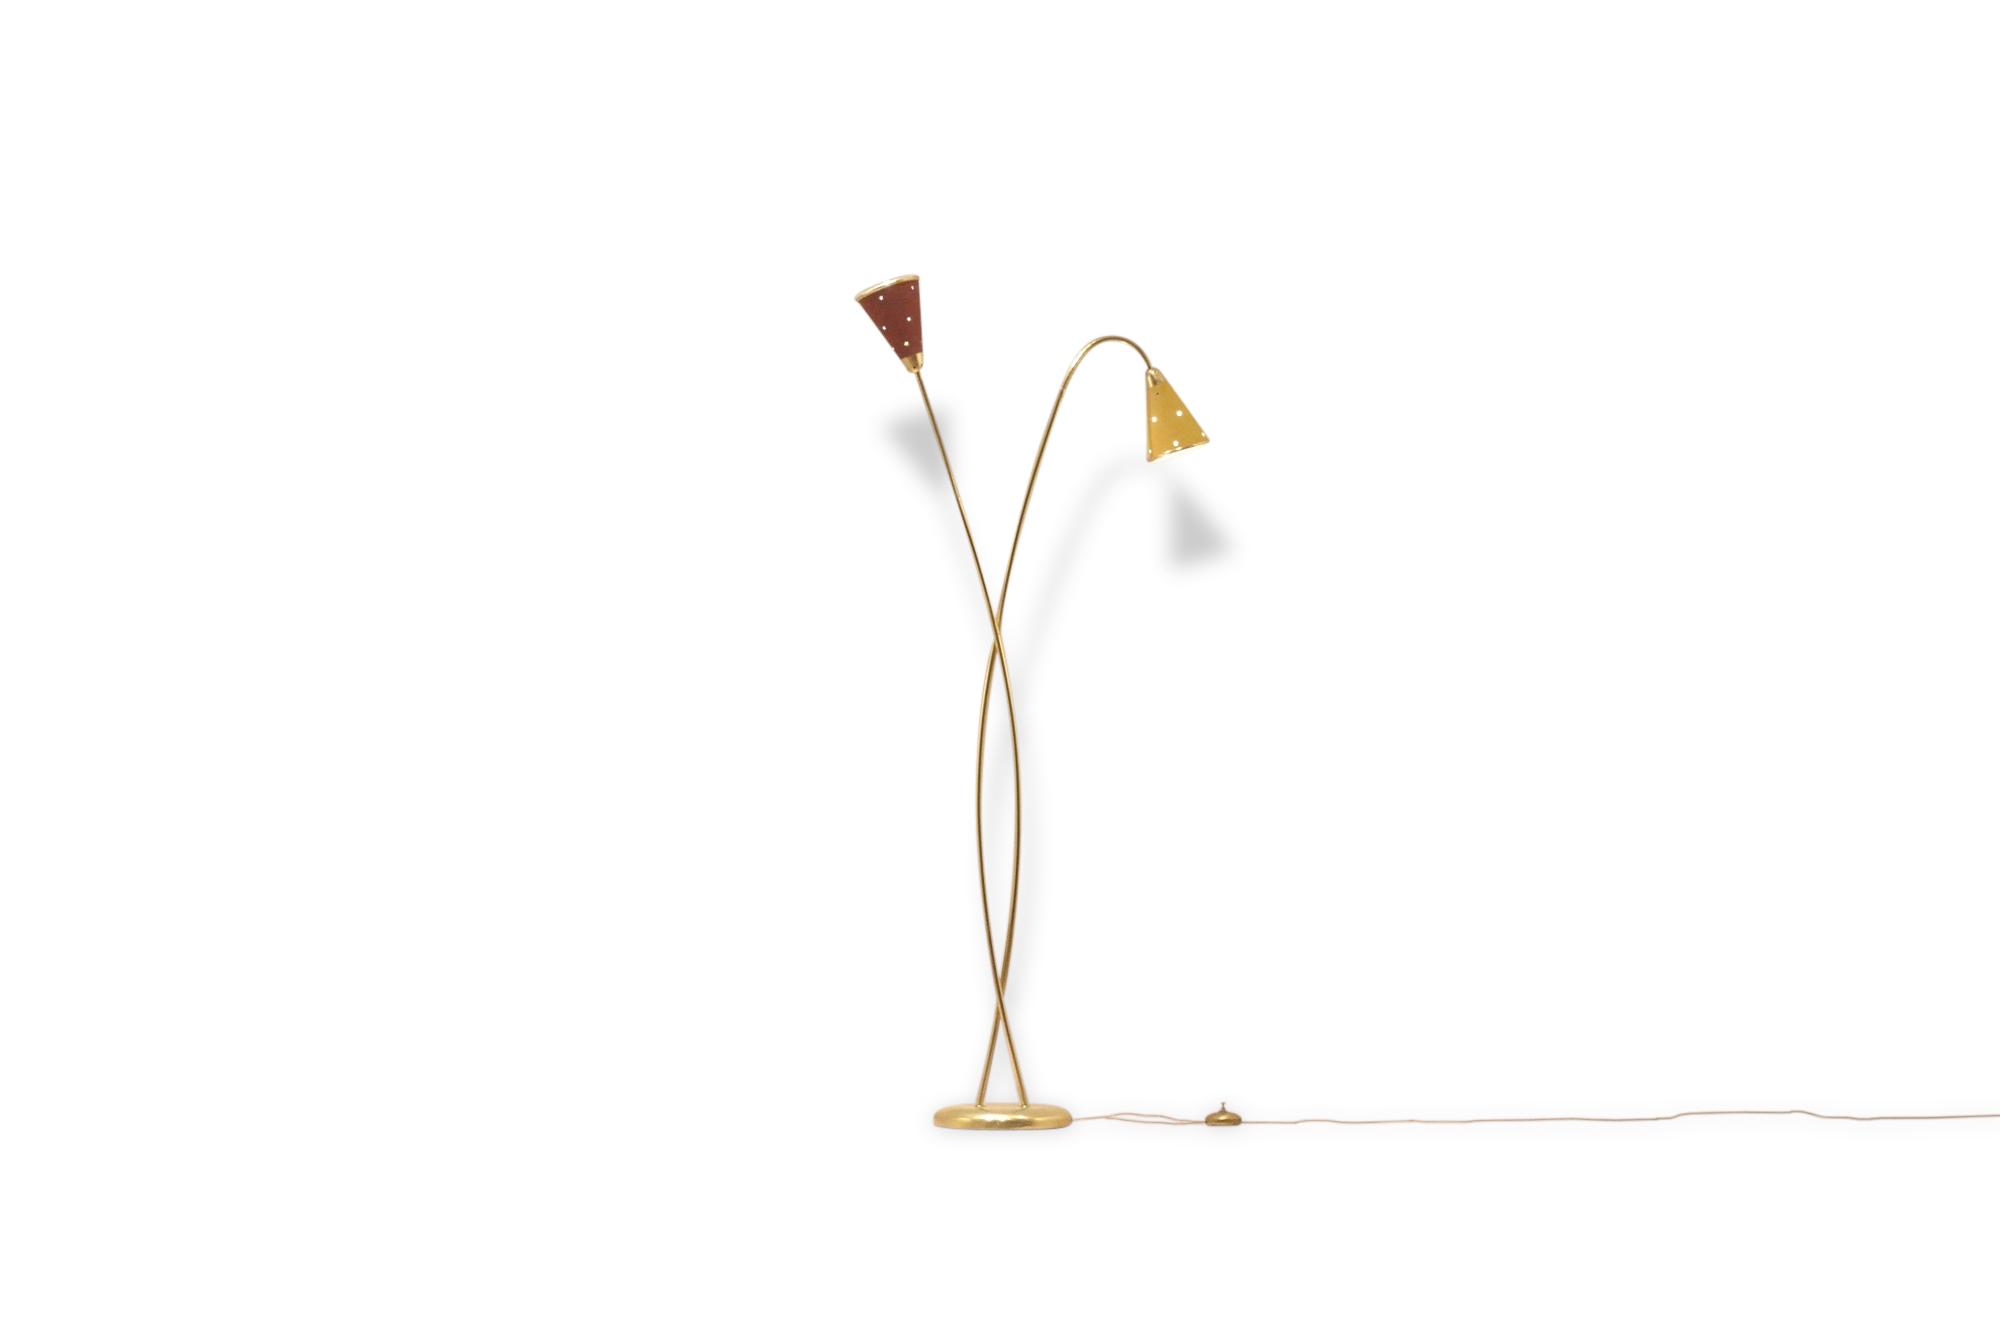 Design français 1950's : Lampadaire par Lunel en laiton et métal peint bicolore